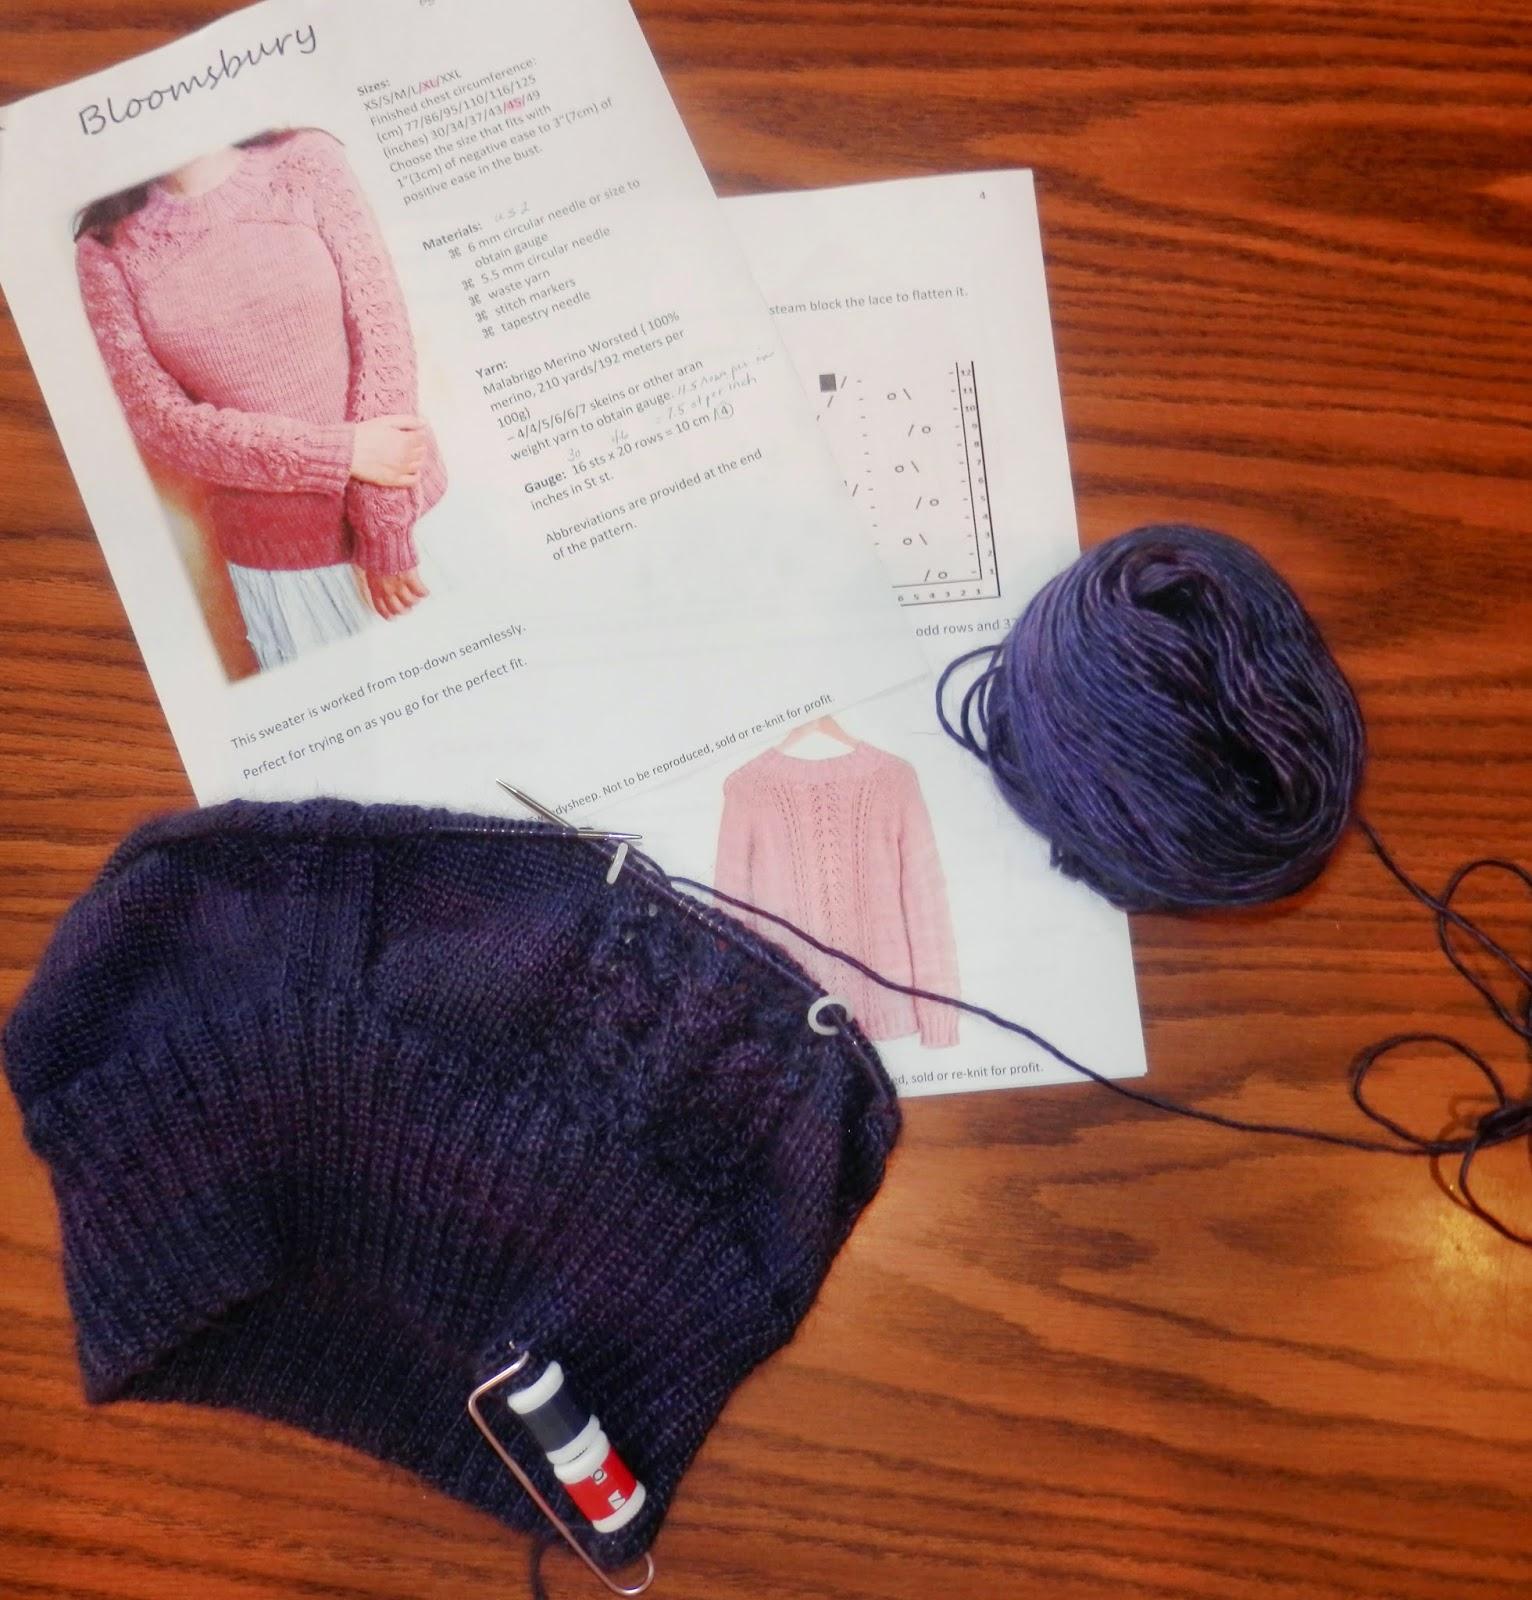 Пуловер для дочки от Светланы Волковой - Вяжем вместе 93